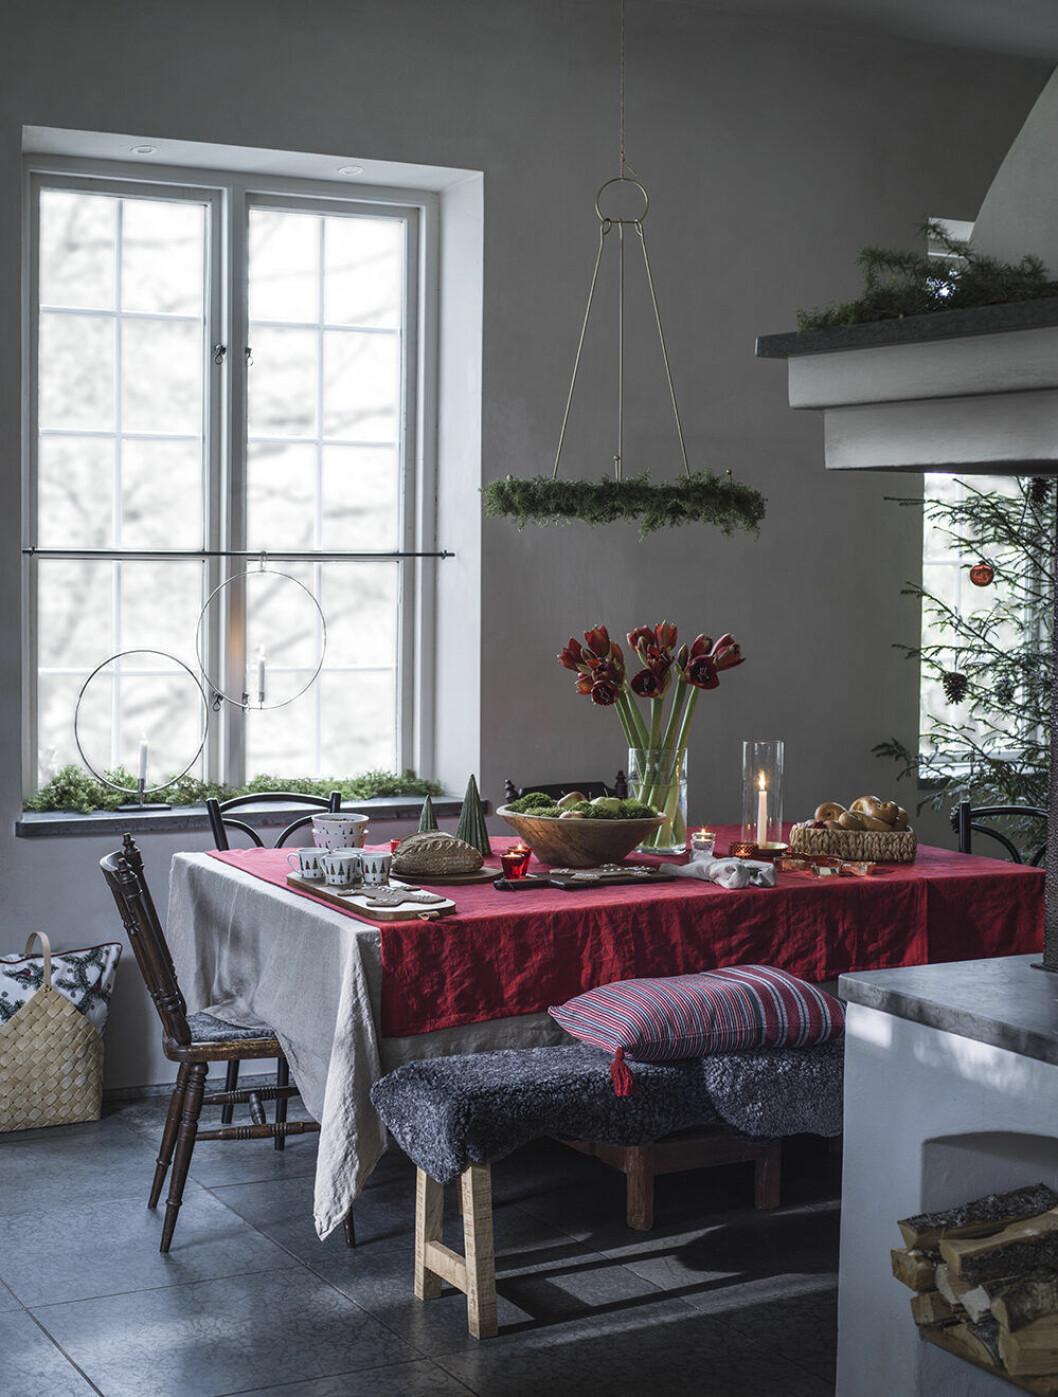 Juldukning på Hemtex 2019